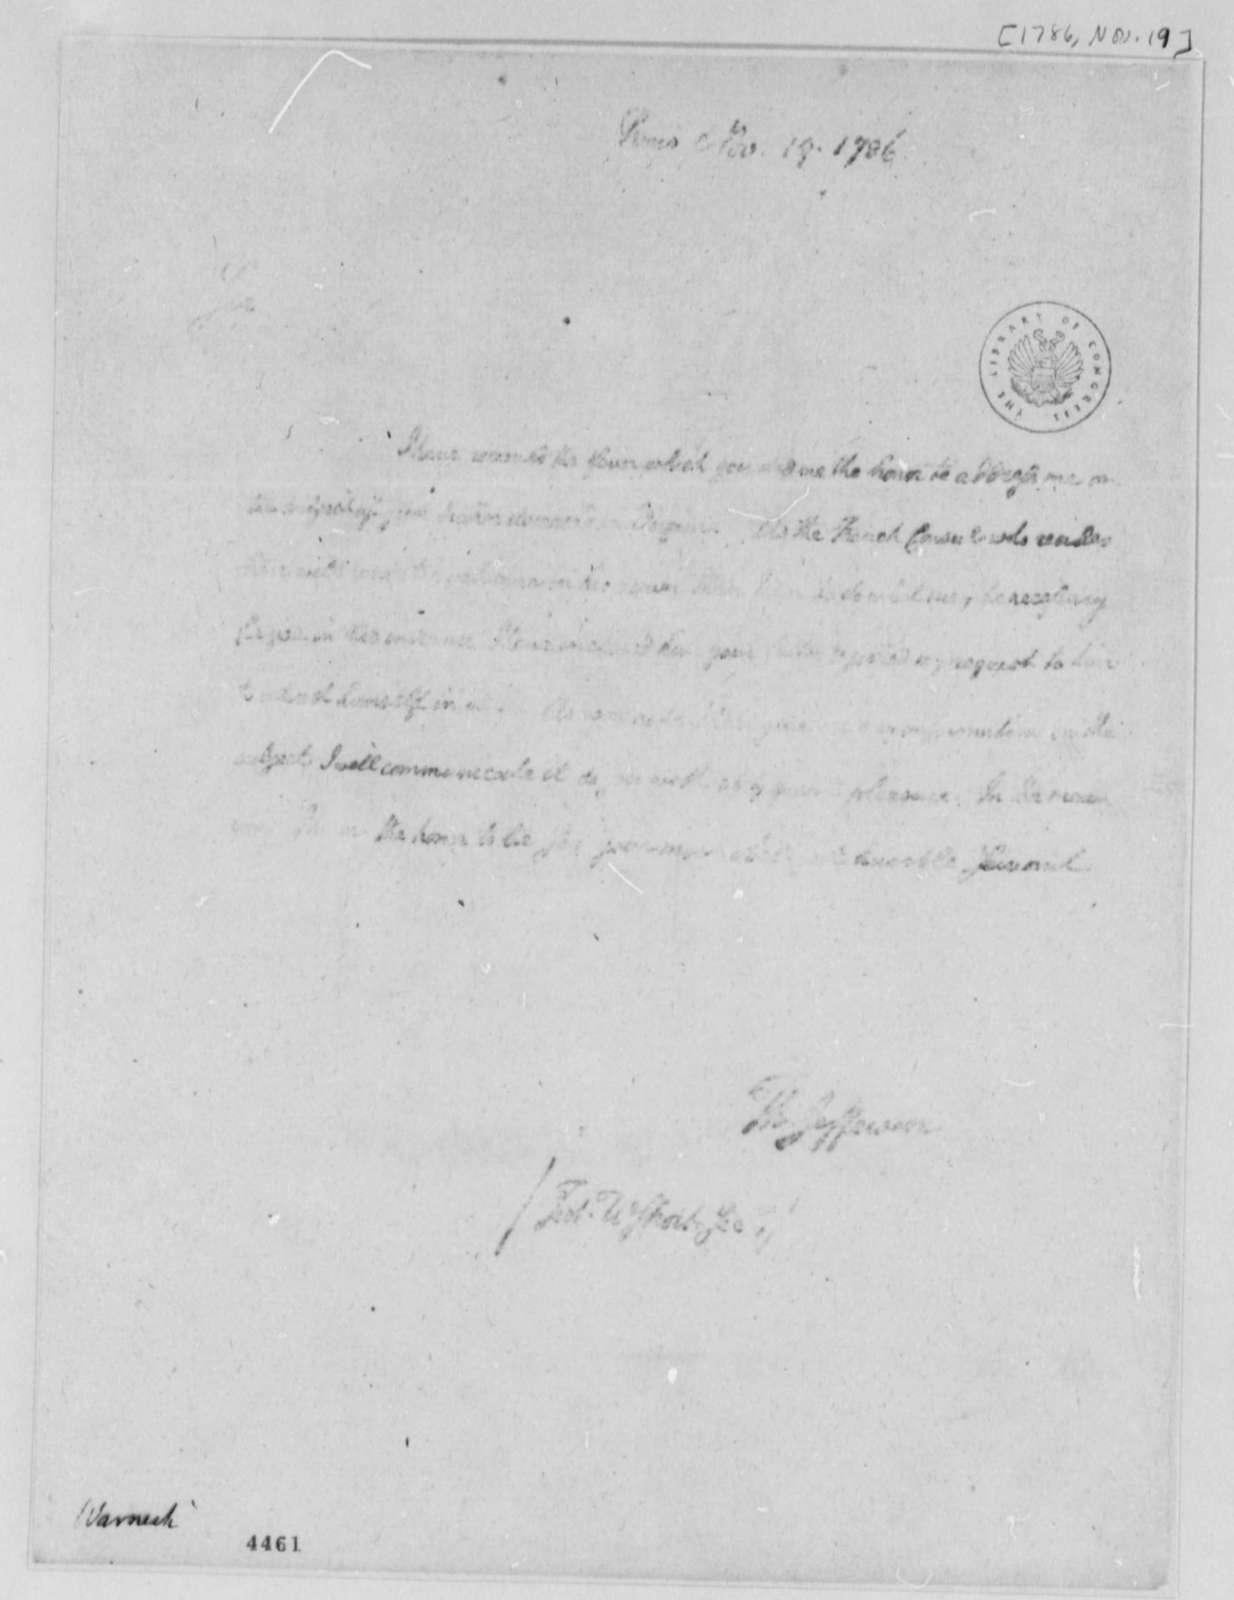 Thomas Jefferson to Frederick Wernecke, November 19, 1786